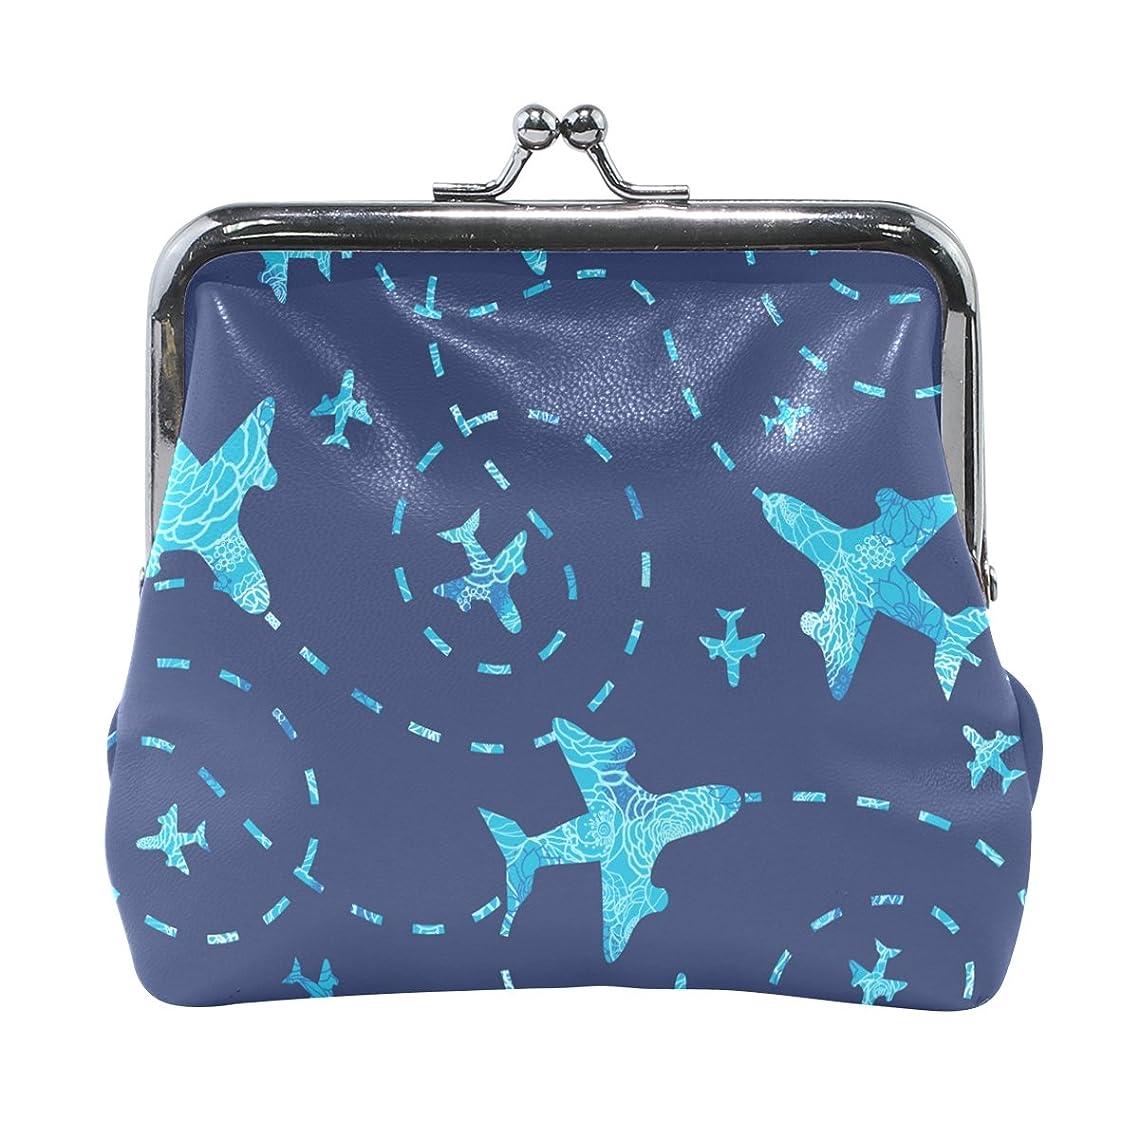 まっすぐ敏感な袋AOMOKI 財布 小銭入れ ガマ口 コインケース レディース メンズ レザー 飛行機 ブルー 現代風 ブラック 青い